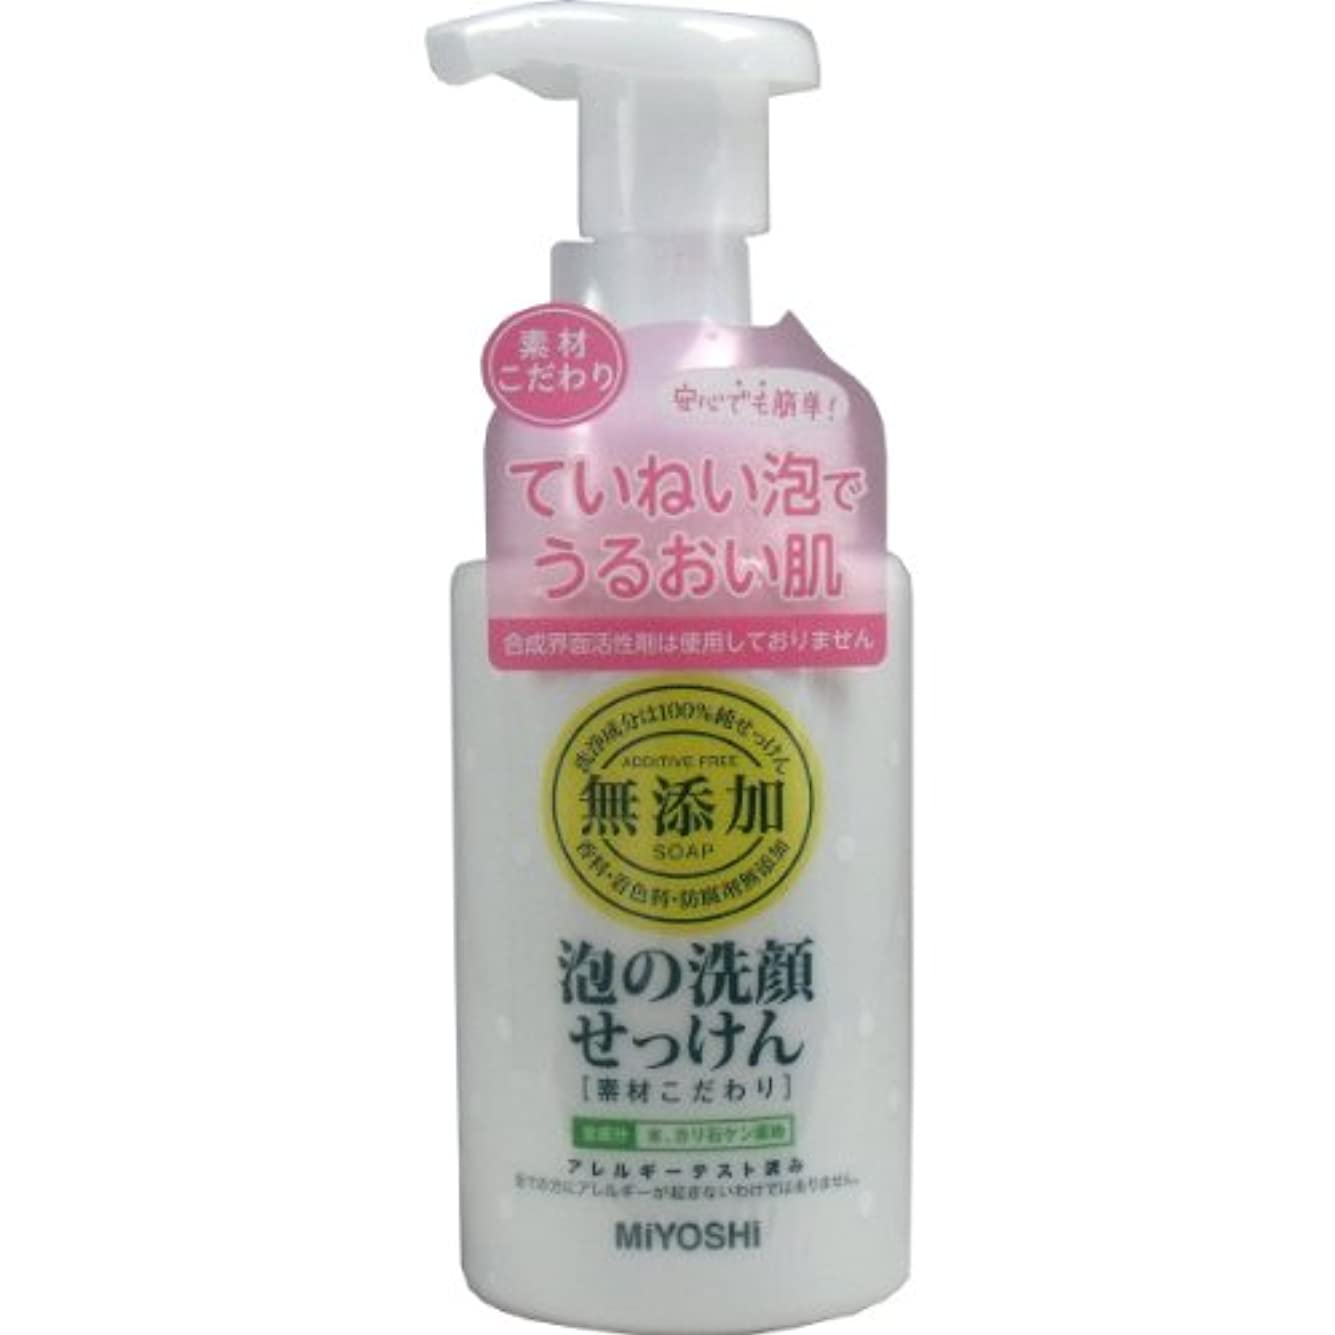 優しさ怠なアレルギー【まとめ買い】無添加 素材こだわり 泡の洗顔せっけん 200ml ×2セット